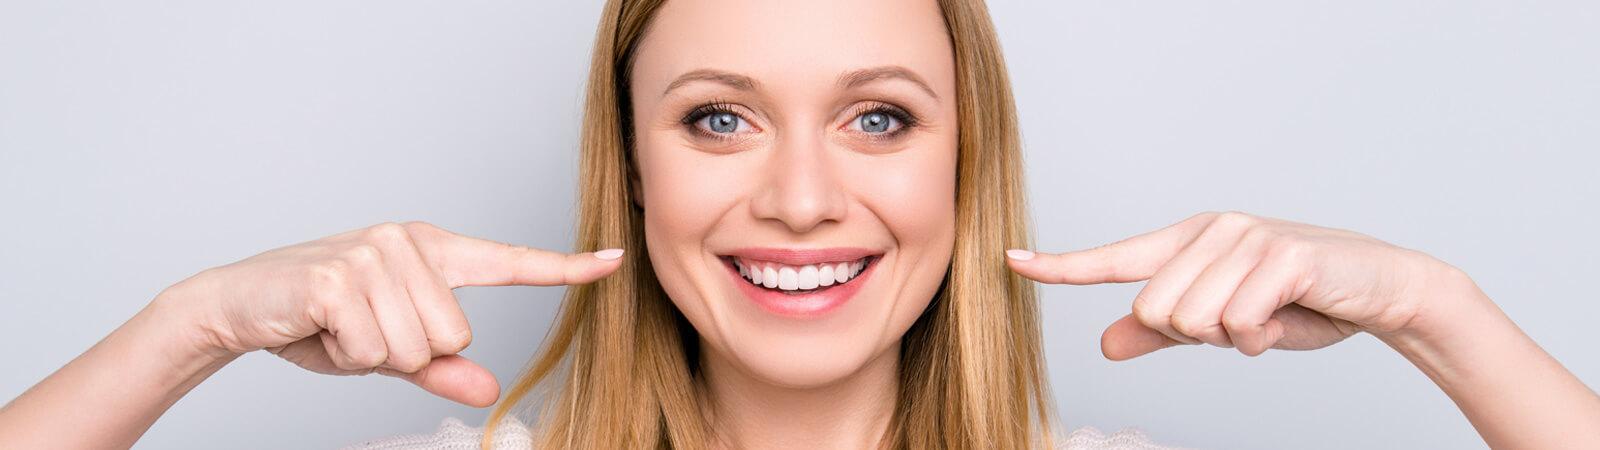 Dental Veneers - Vivid Dental, Houston TX